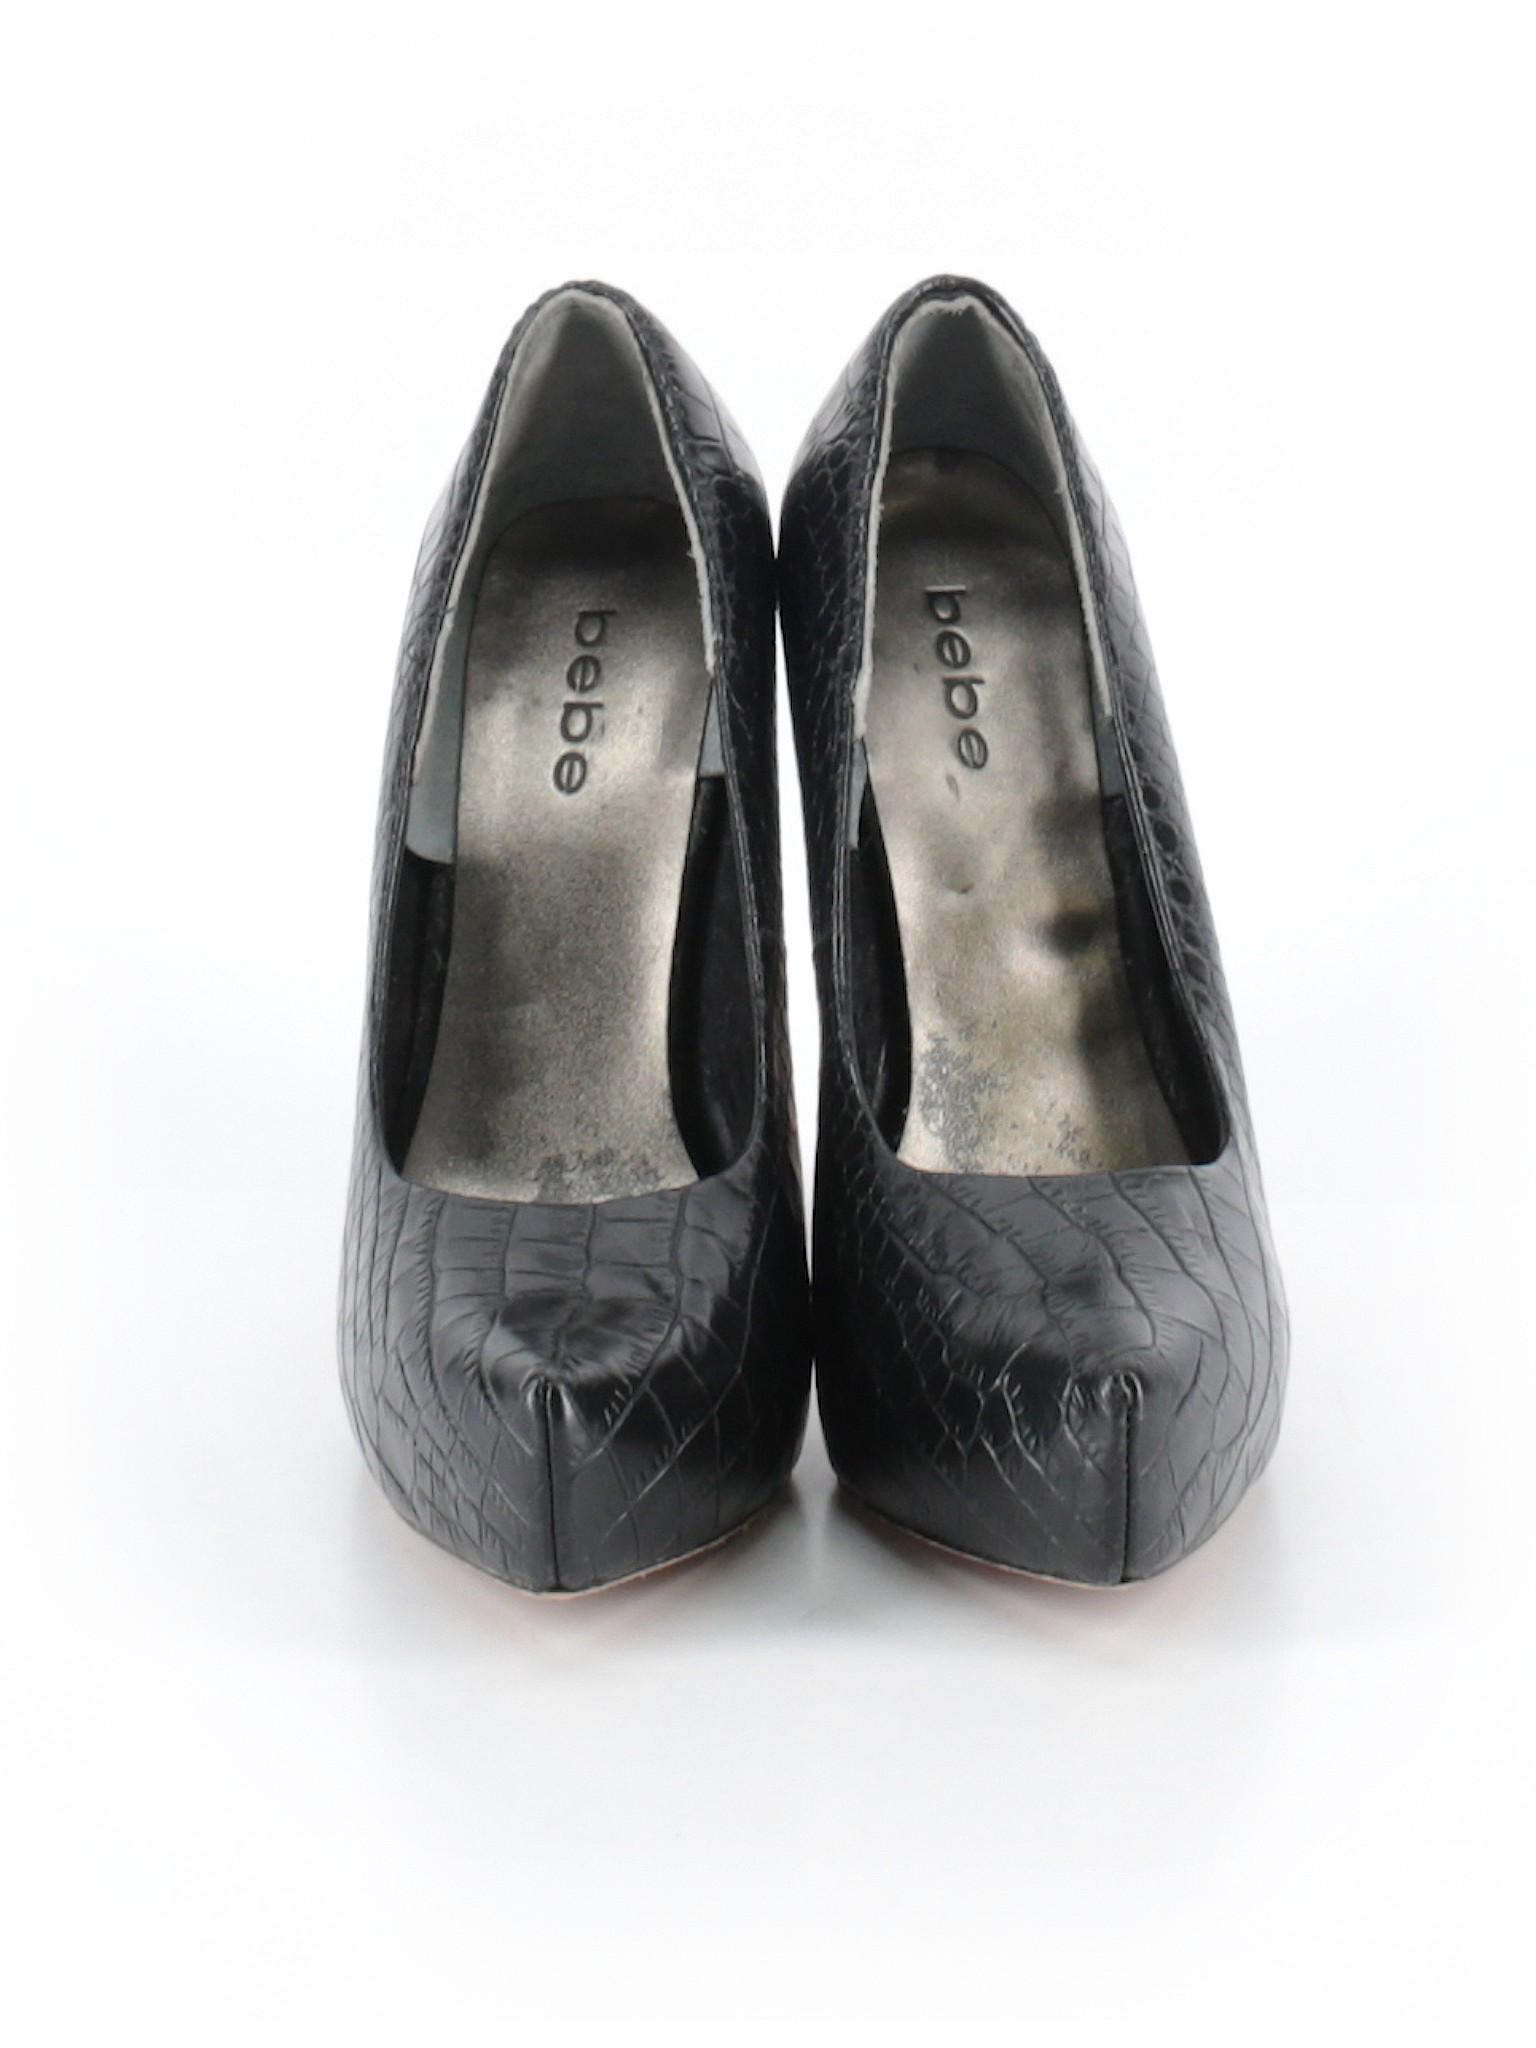 Boutique Boutique promotion Bebe Heels promotion Bebe RUwq50R